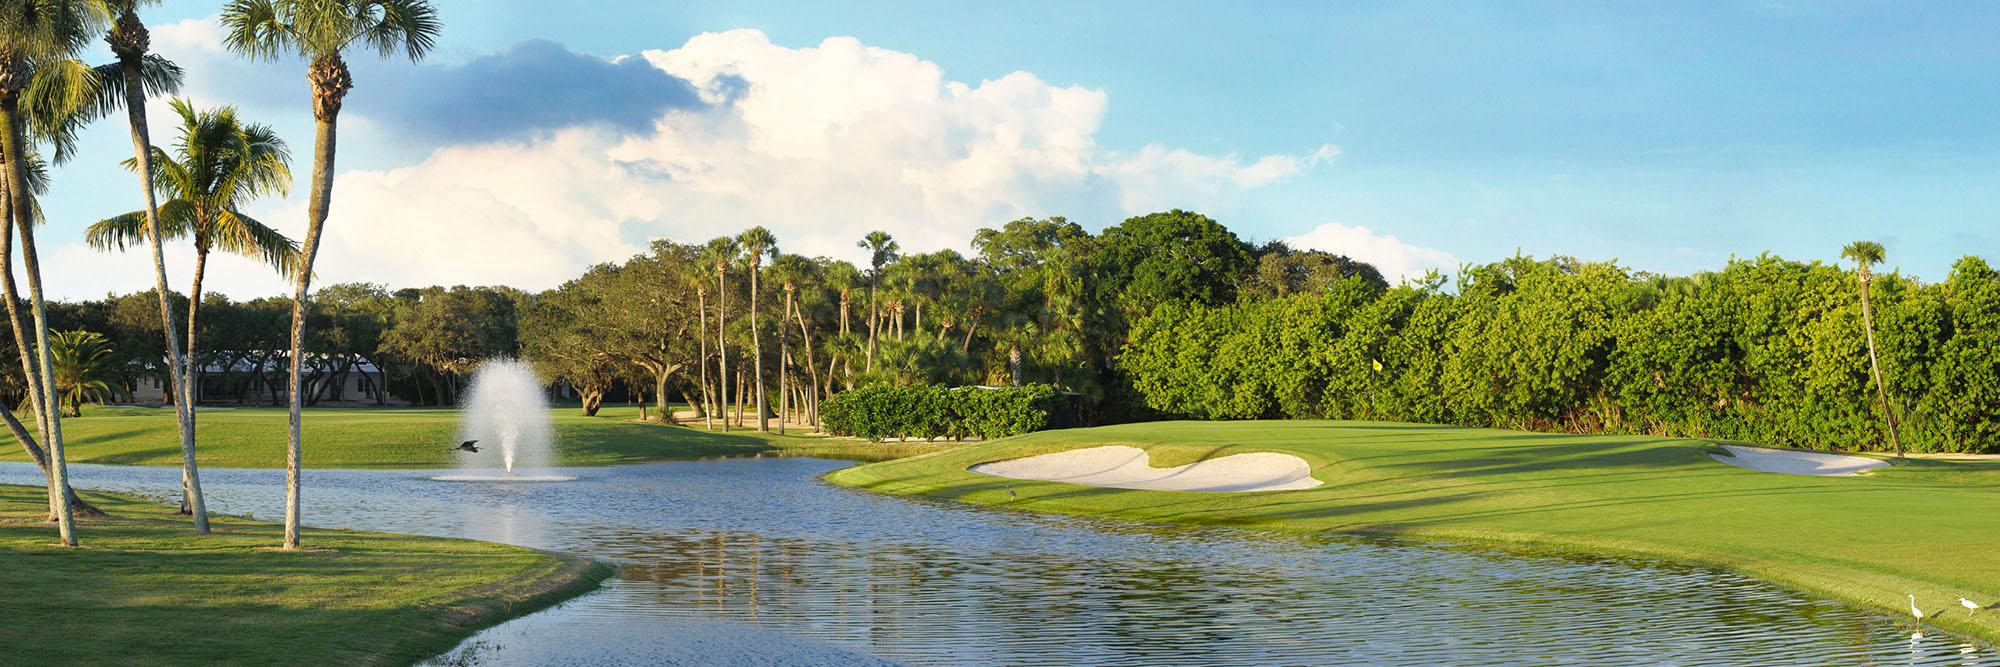 Golf Course Image - Riomar No. 13